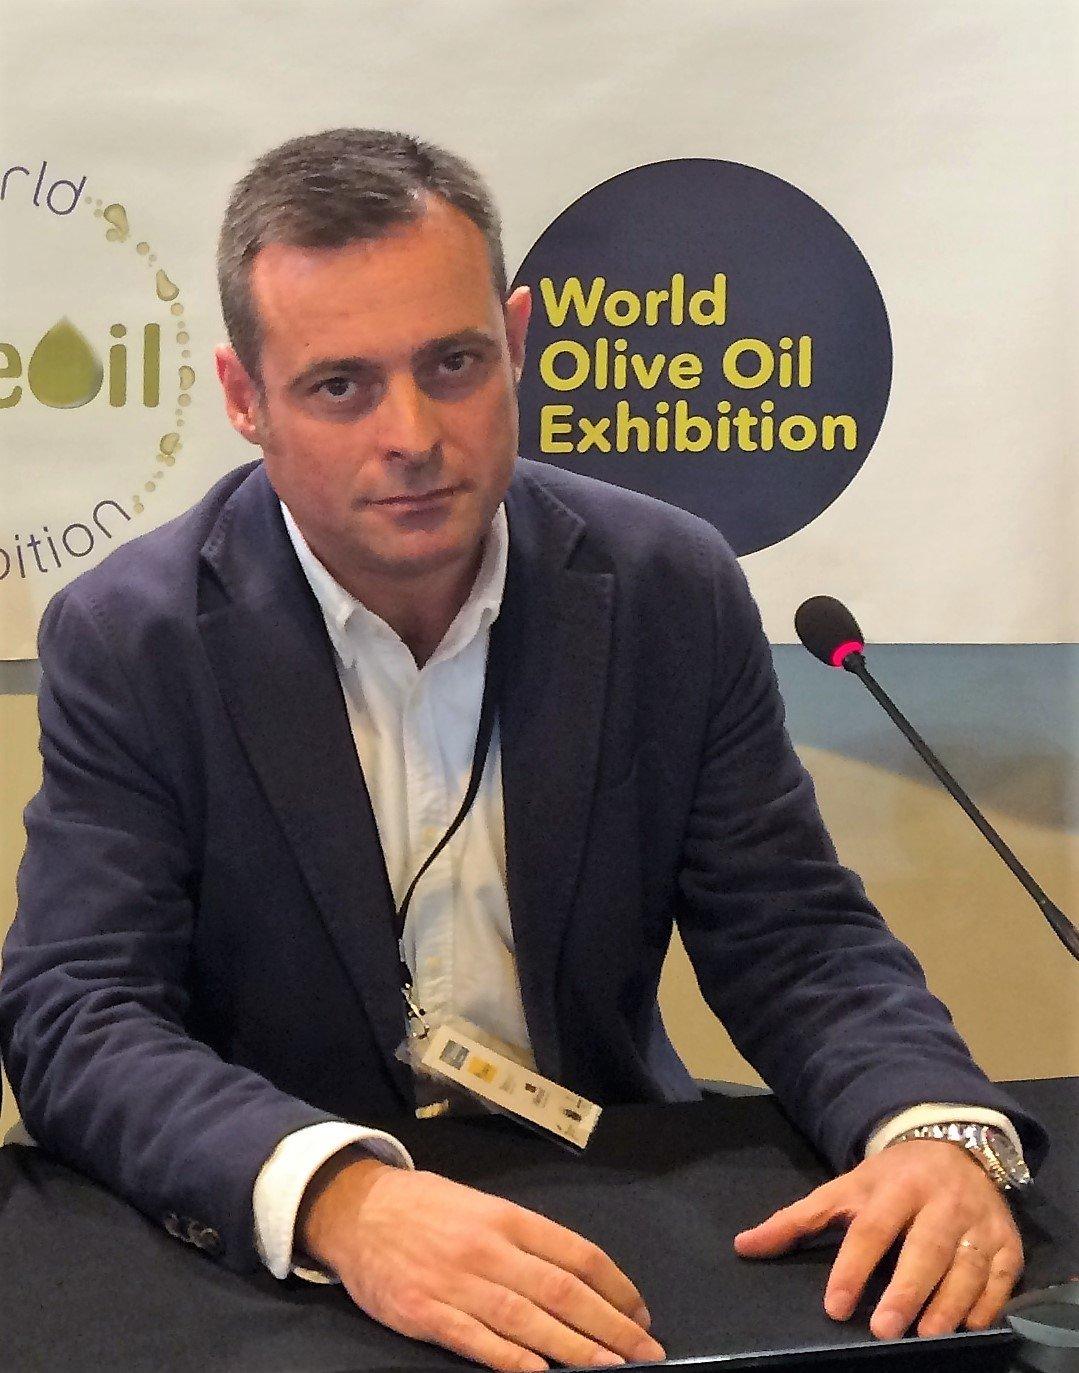 La organización de las Naciones Unidas para la alimentación y la agricultura (Fao), cuenta con Juan Vilar como consultor